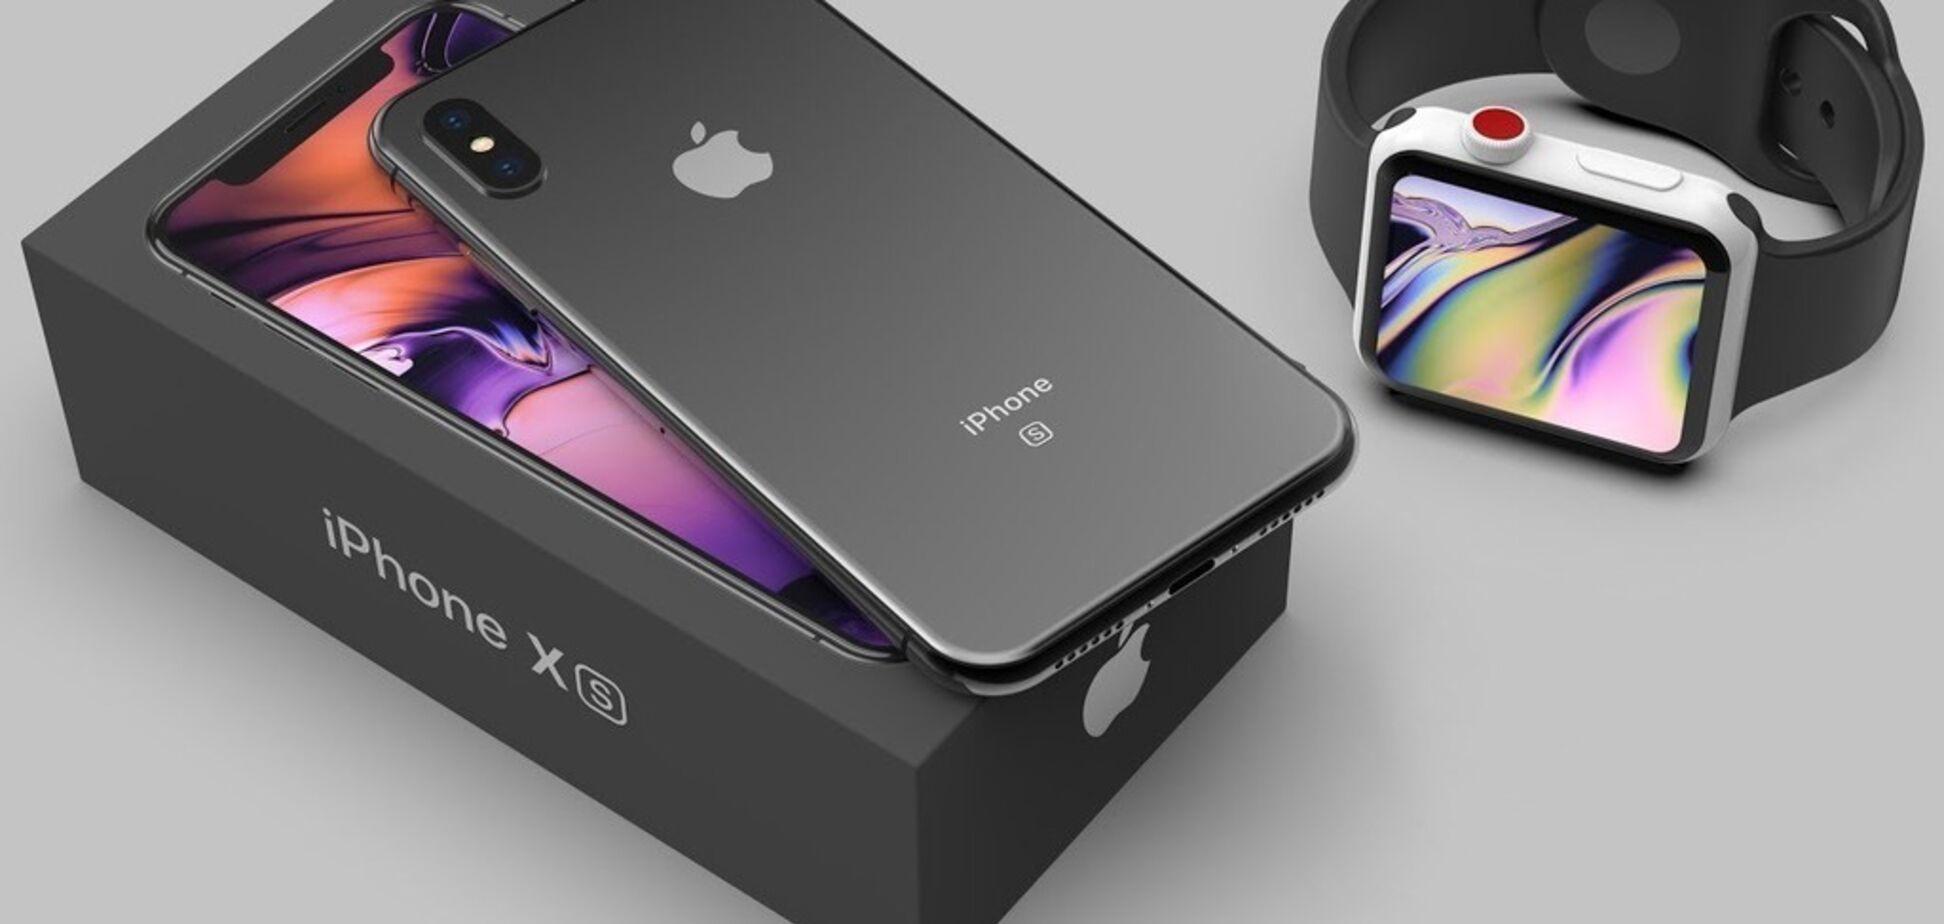 iPhone за ціною ''євробляхи'': в Україні провели паралелі між популярними покупками